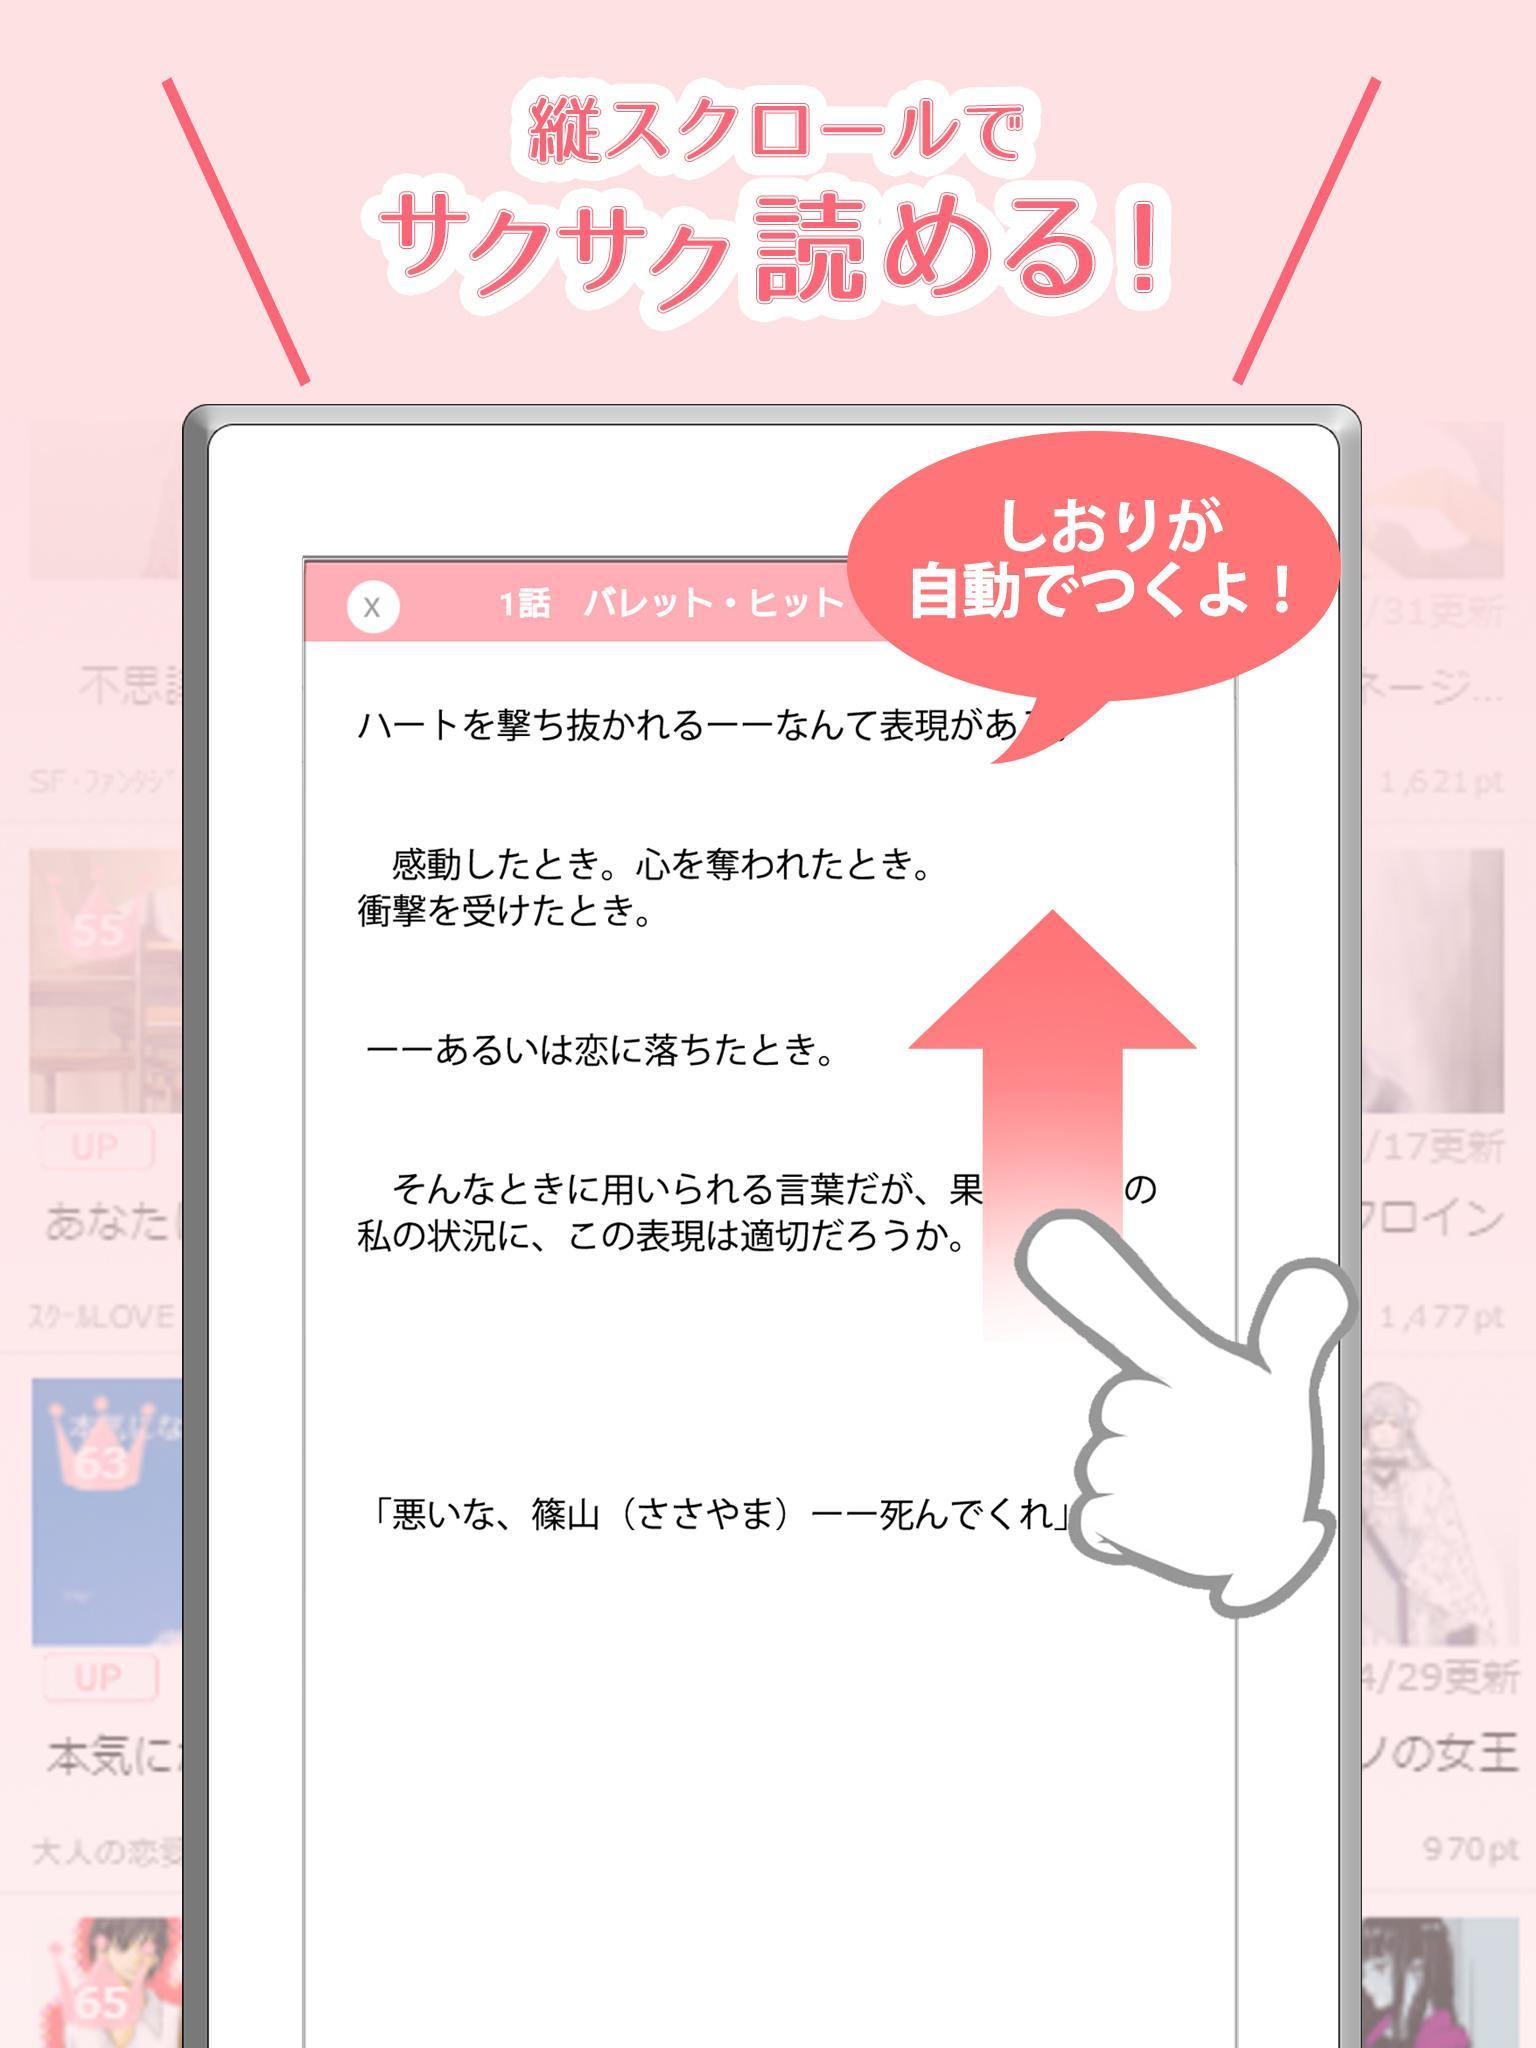 の 恋愛 大人 小説 ケータイ